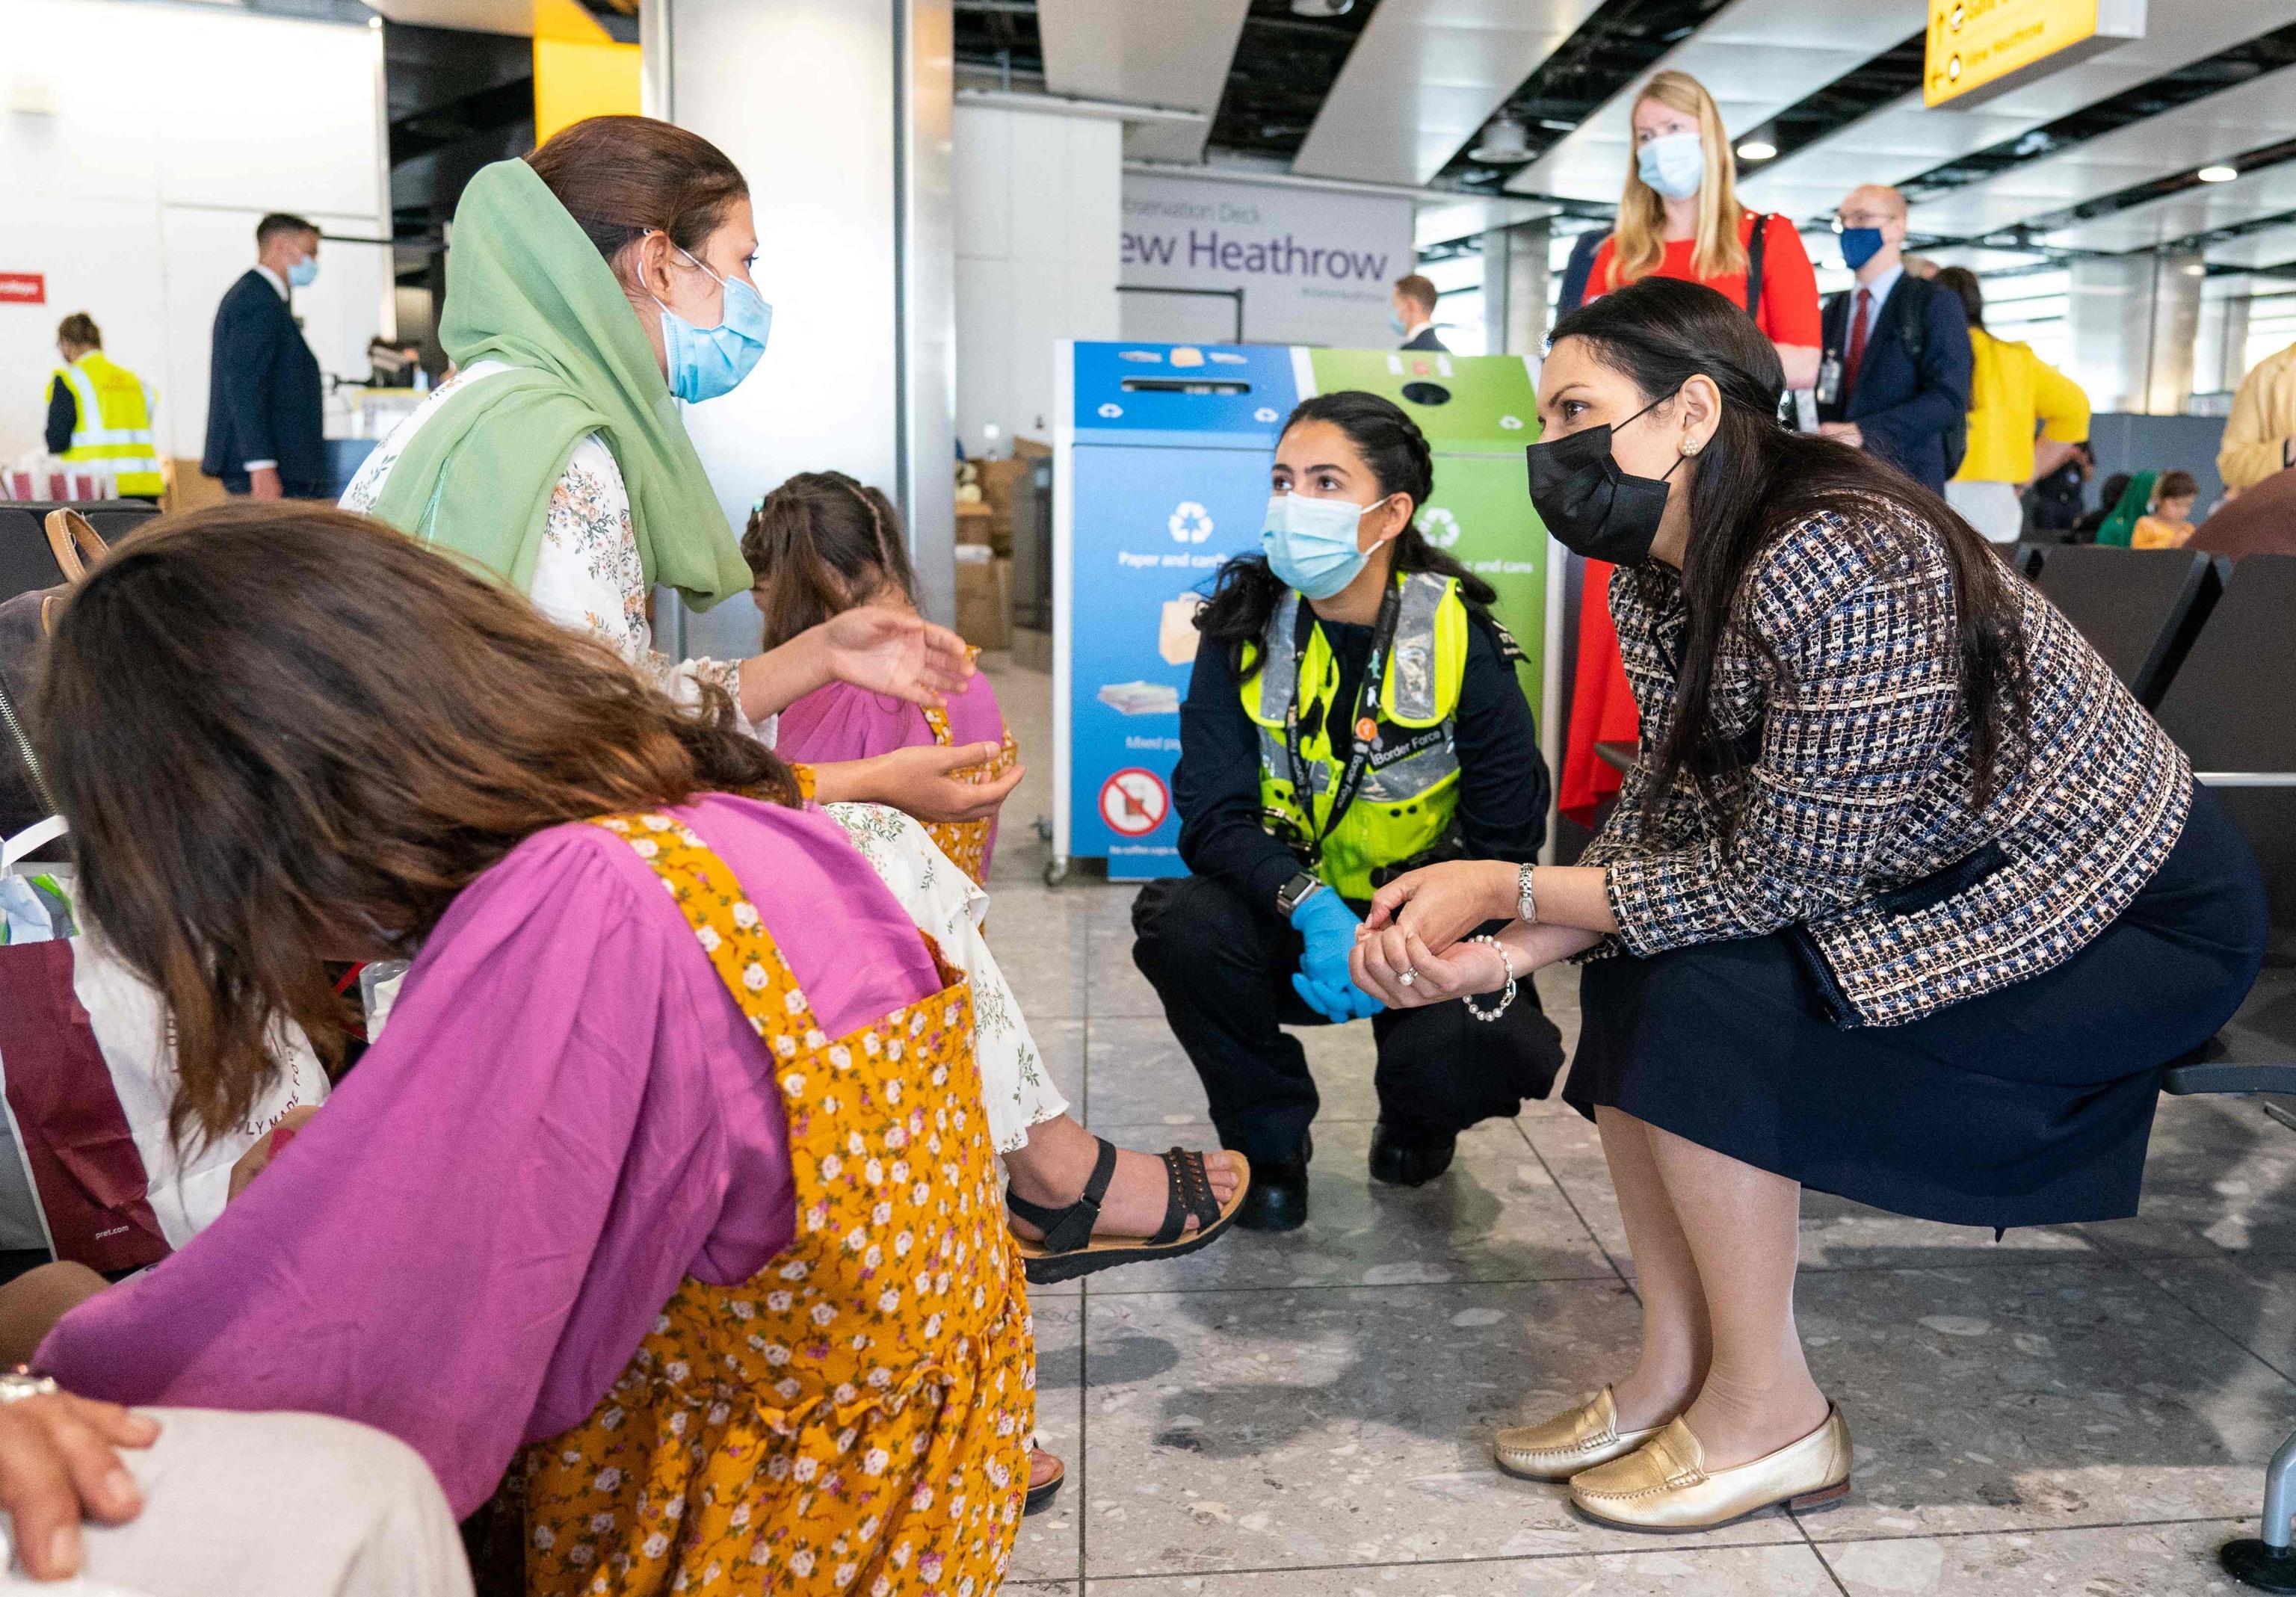 پریتی پاتل از ورود مهاجران افغان به لندن استقبال کرد.